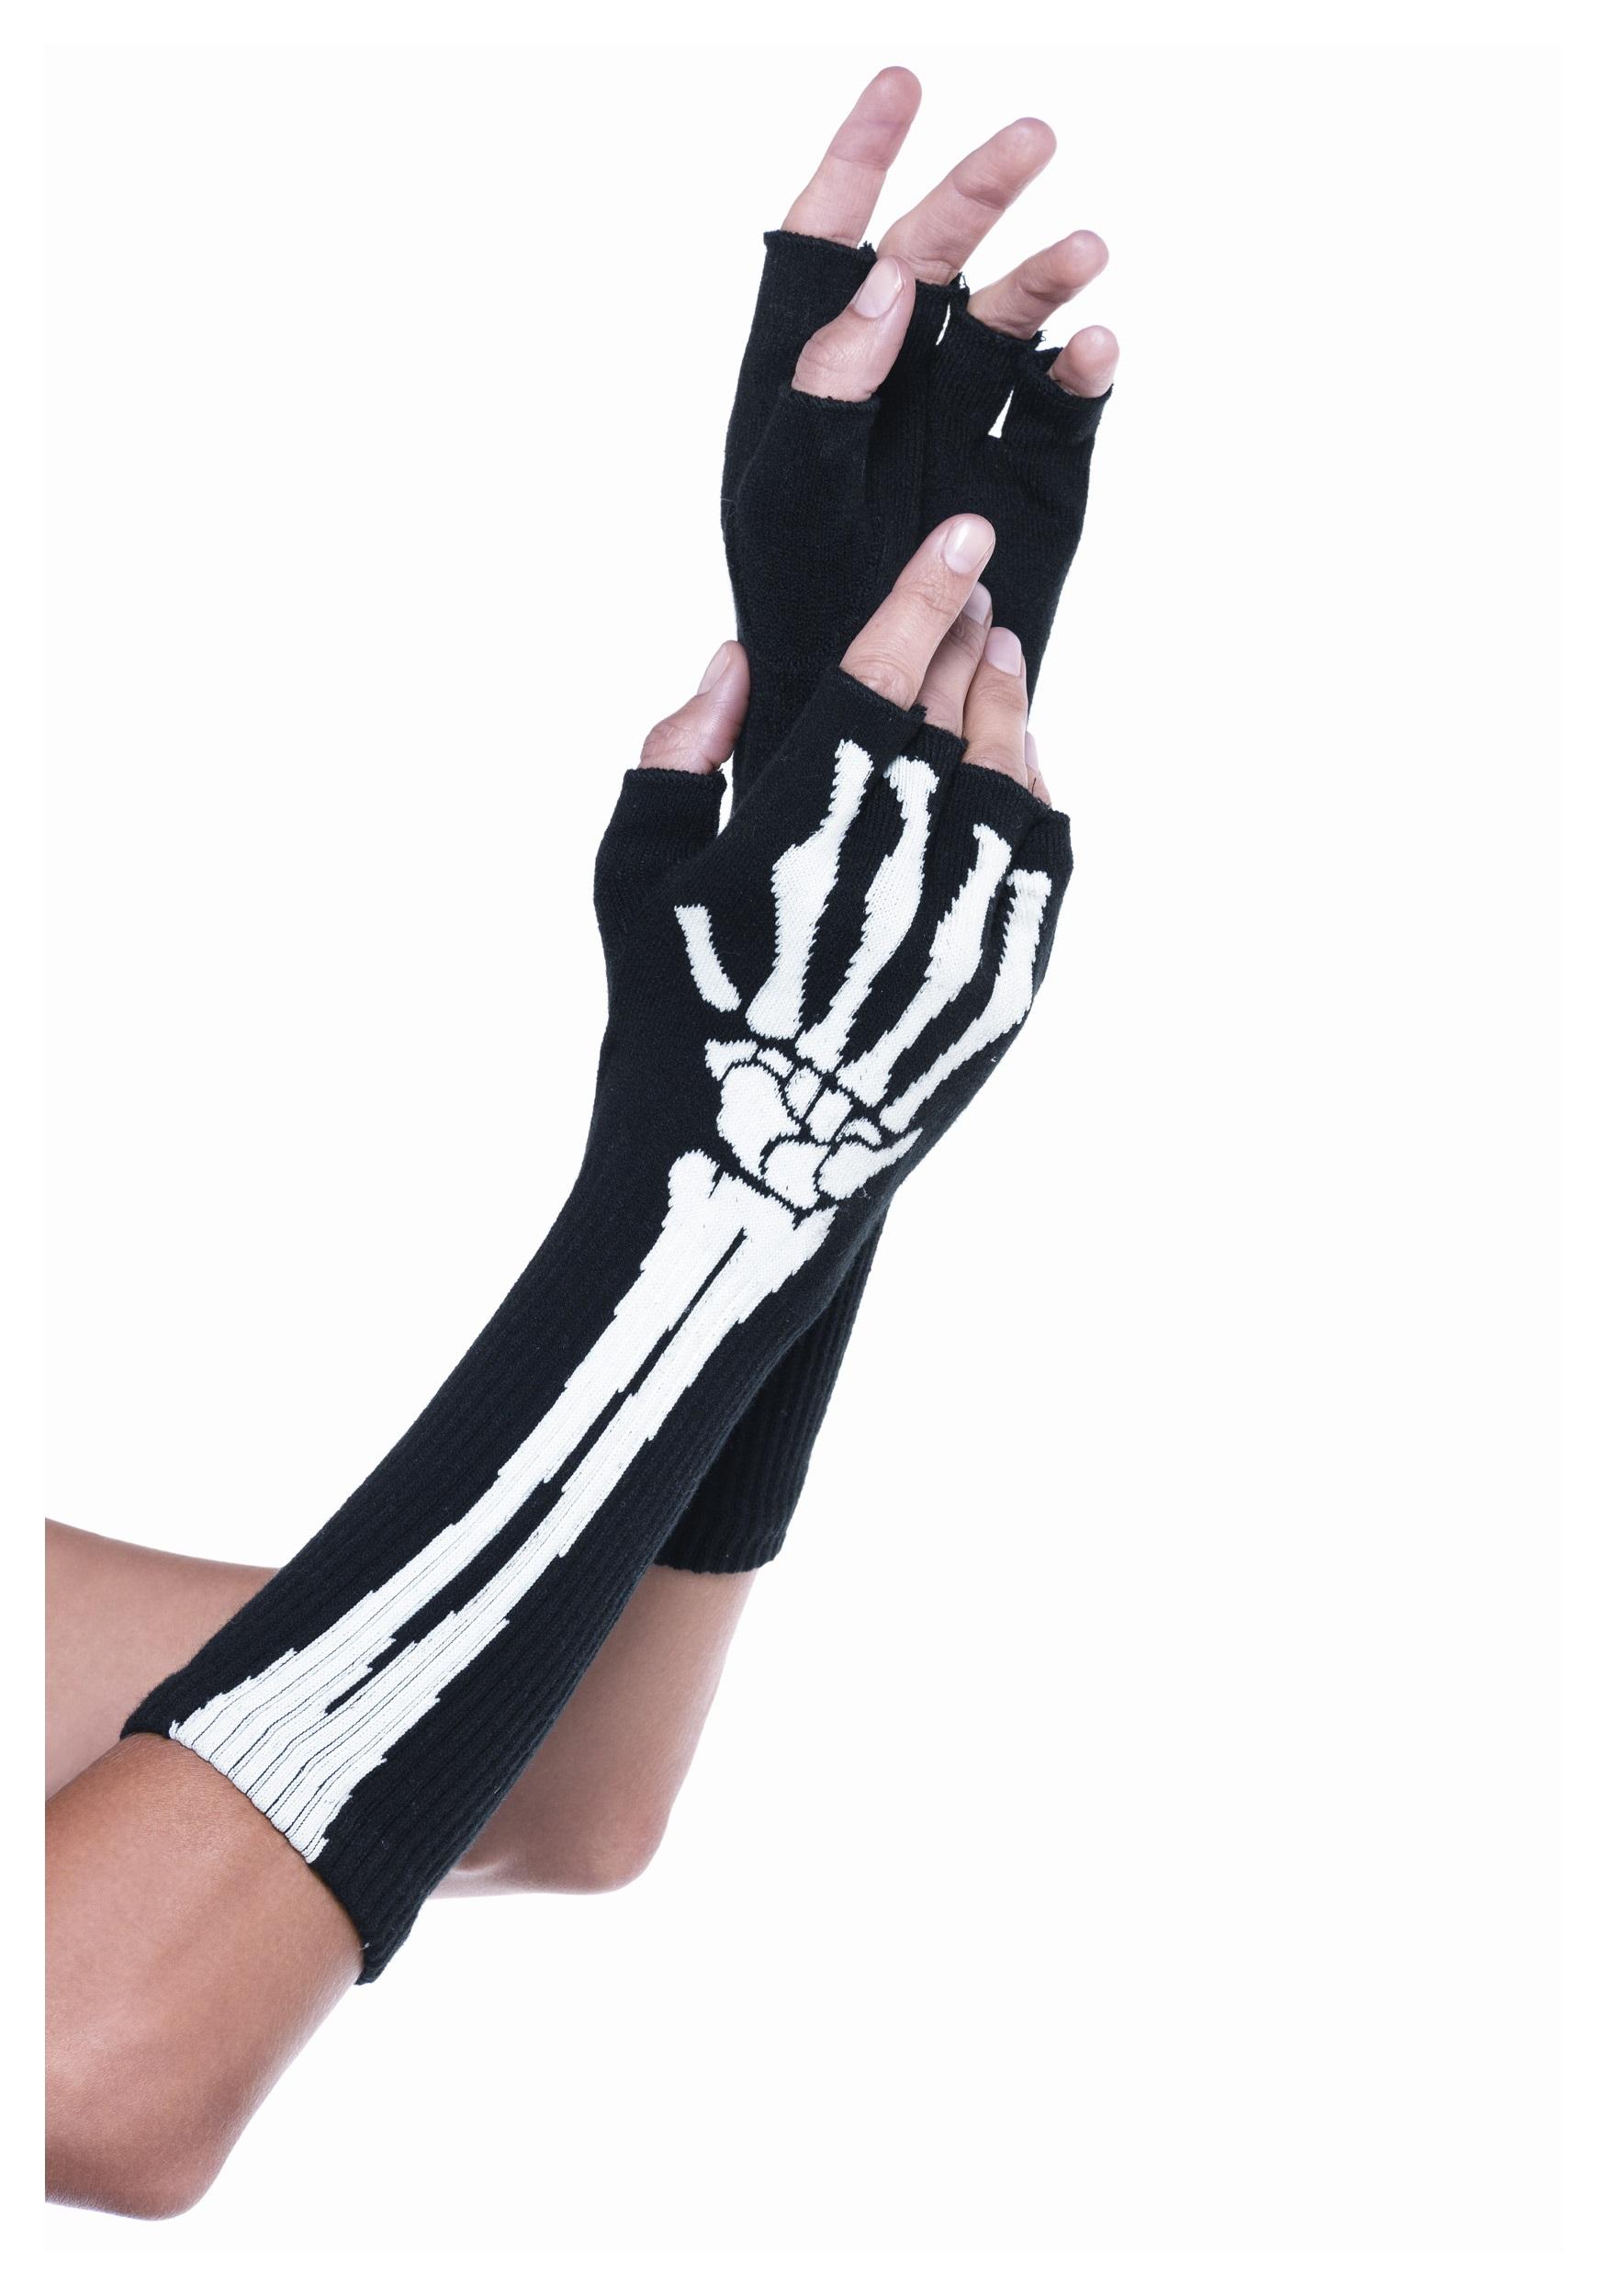 Adult SKELETON GLOVES Long Opera Length Gloves Printed White Bones on Black